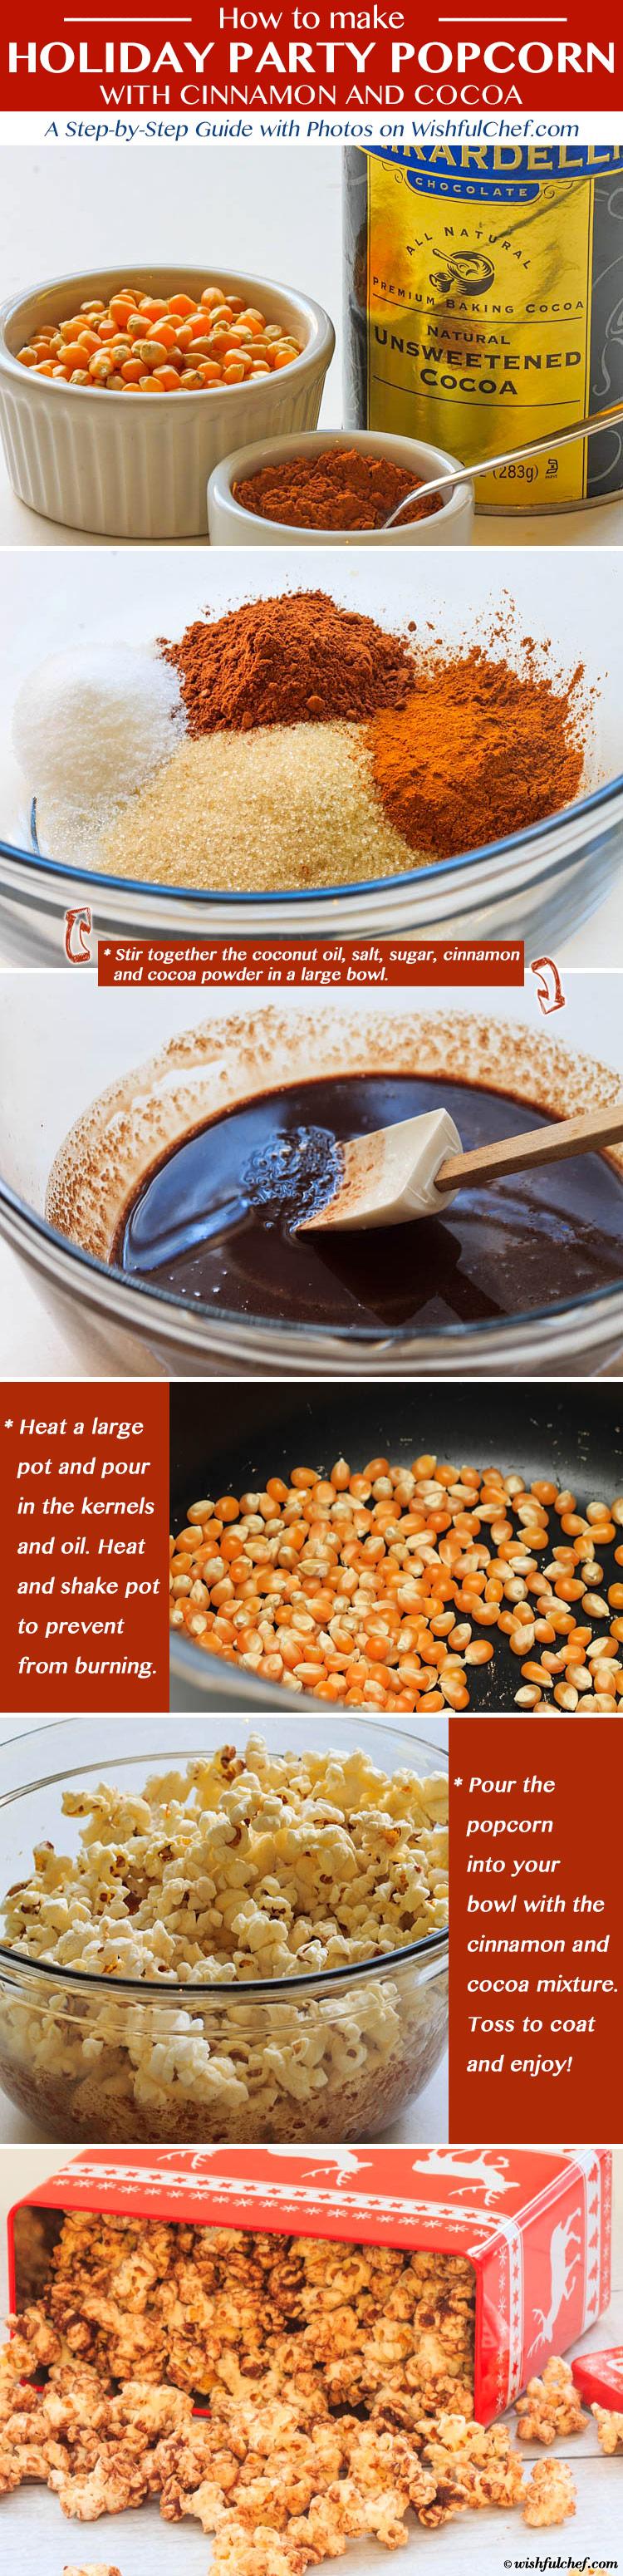 Cinnamon and Cocoa Party Popcorn